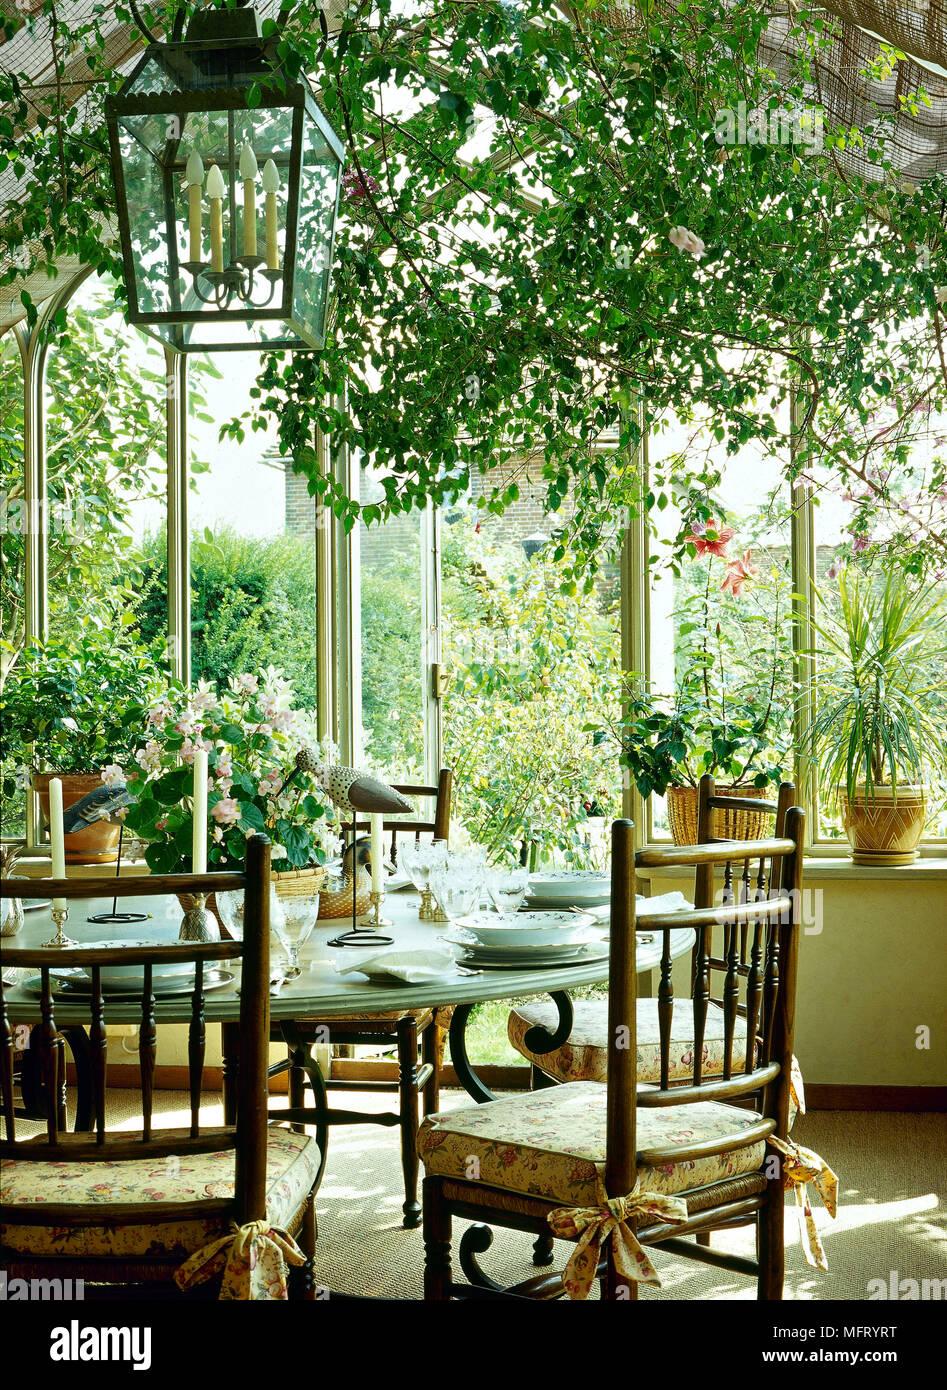 veranda interieur a manger photo Véranda traditionnelle table à manger ronde chaises en bois du0027intérieur  Lanterne lumière intérieurs chambres du0027hiver